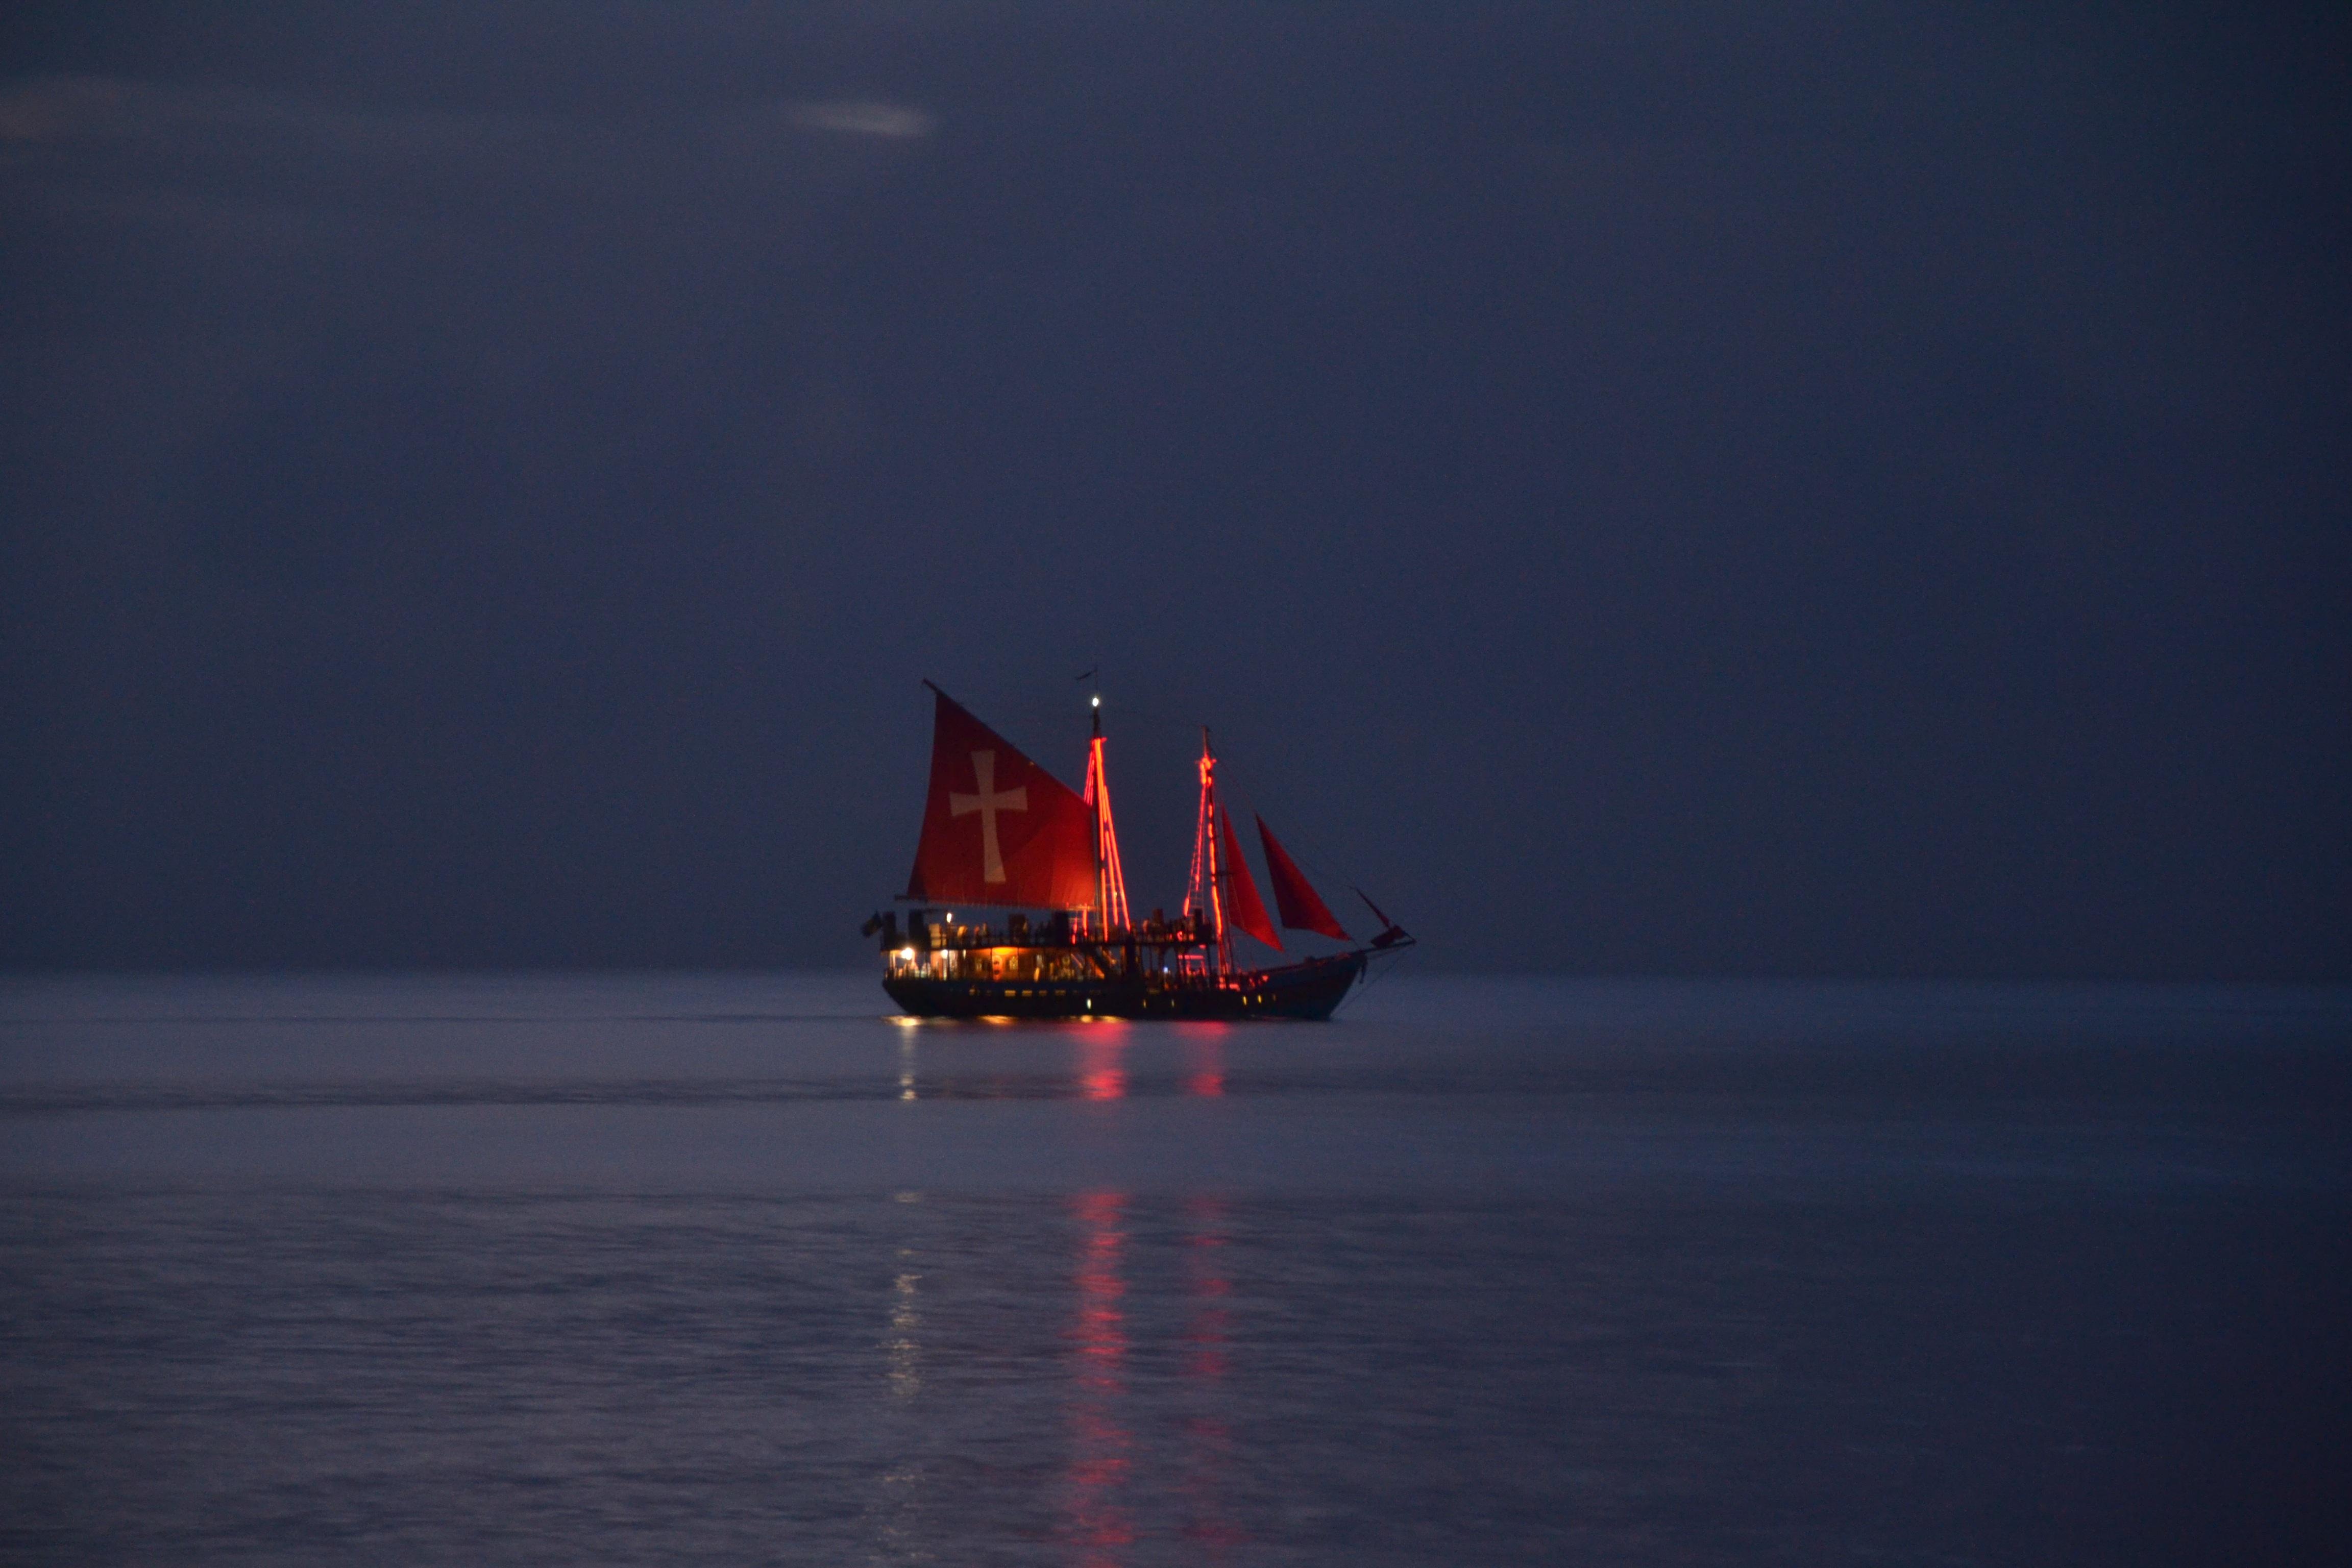 Segelschiffe auf dem meer sonnenuntergang  Kostenlose foto : Sonnenuntergang, Boot, Nacht-, Atmosphäre ...